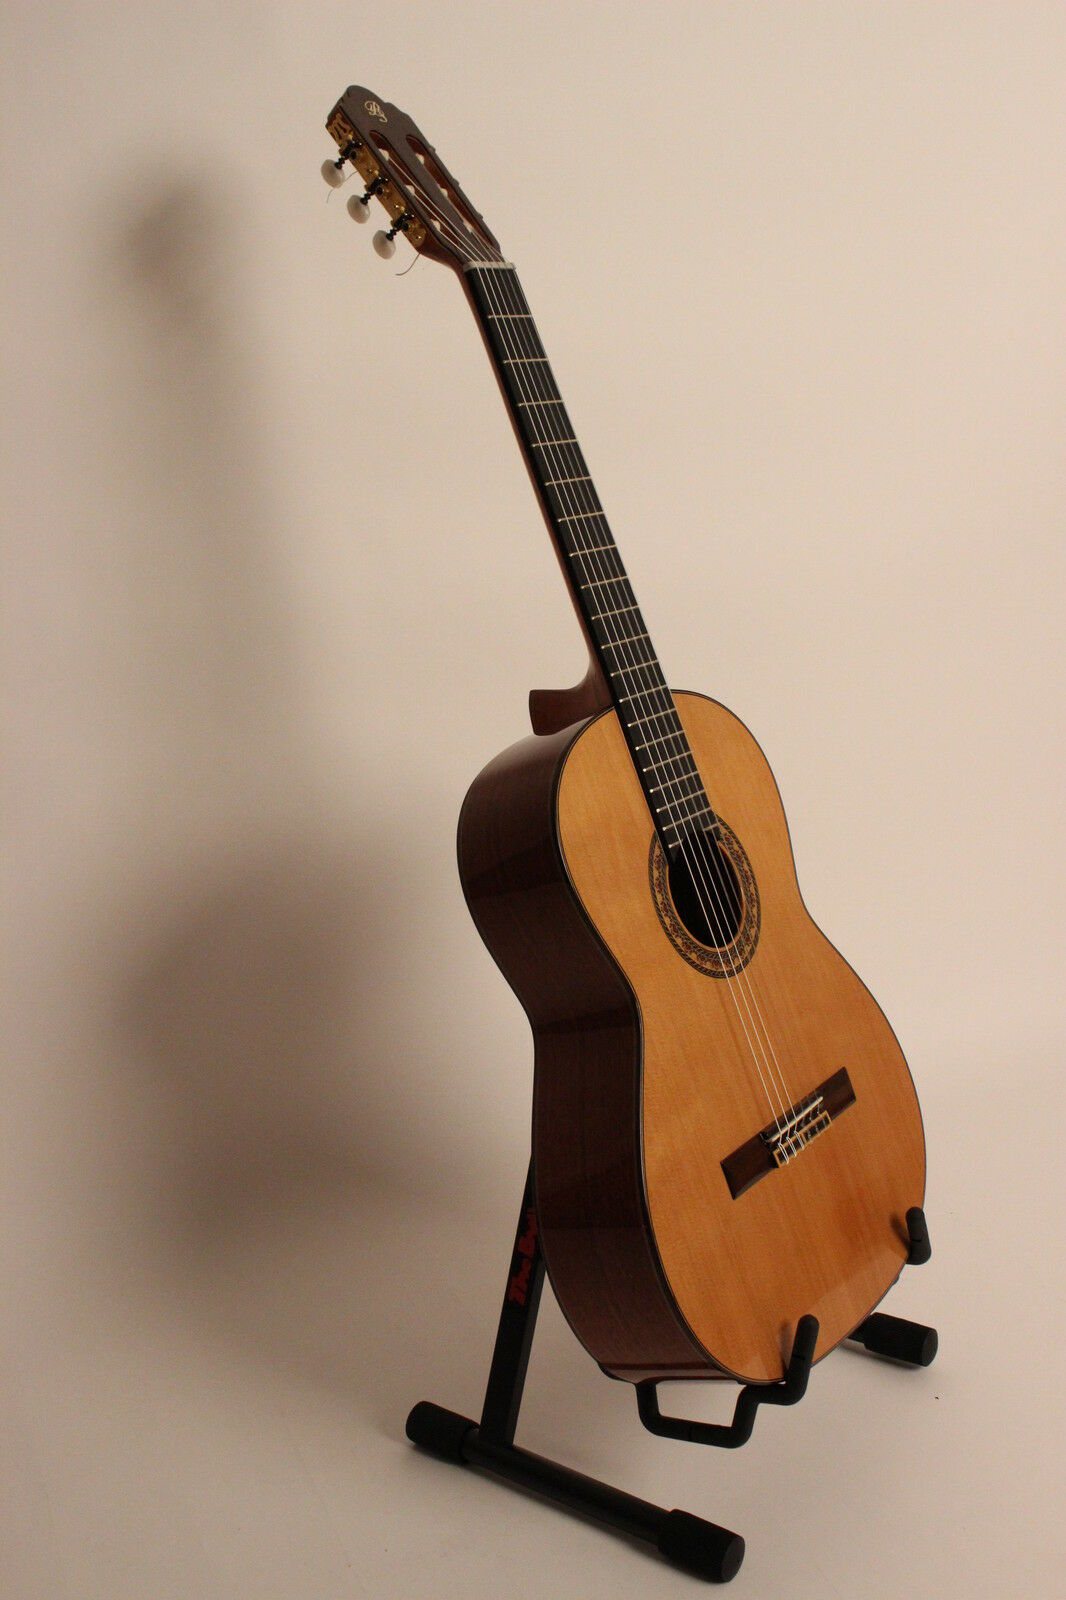 Concierto guitarra saez saez saez mod.g3 + masivas caoba cuerpo + zederndecke expositores     precios ultra bajos